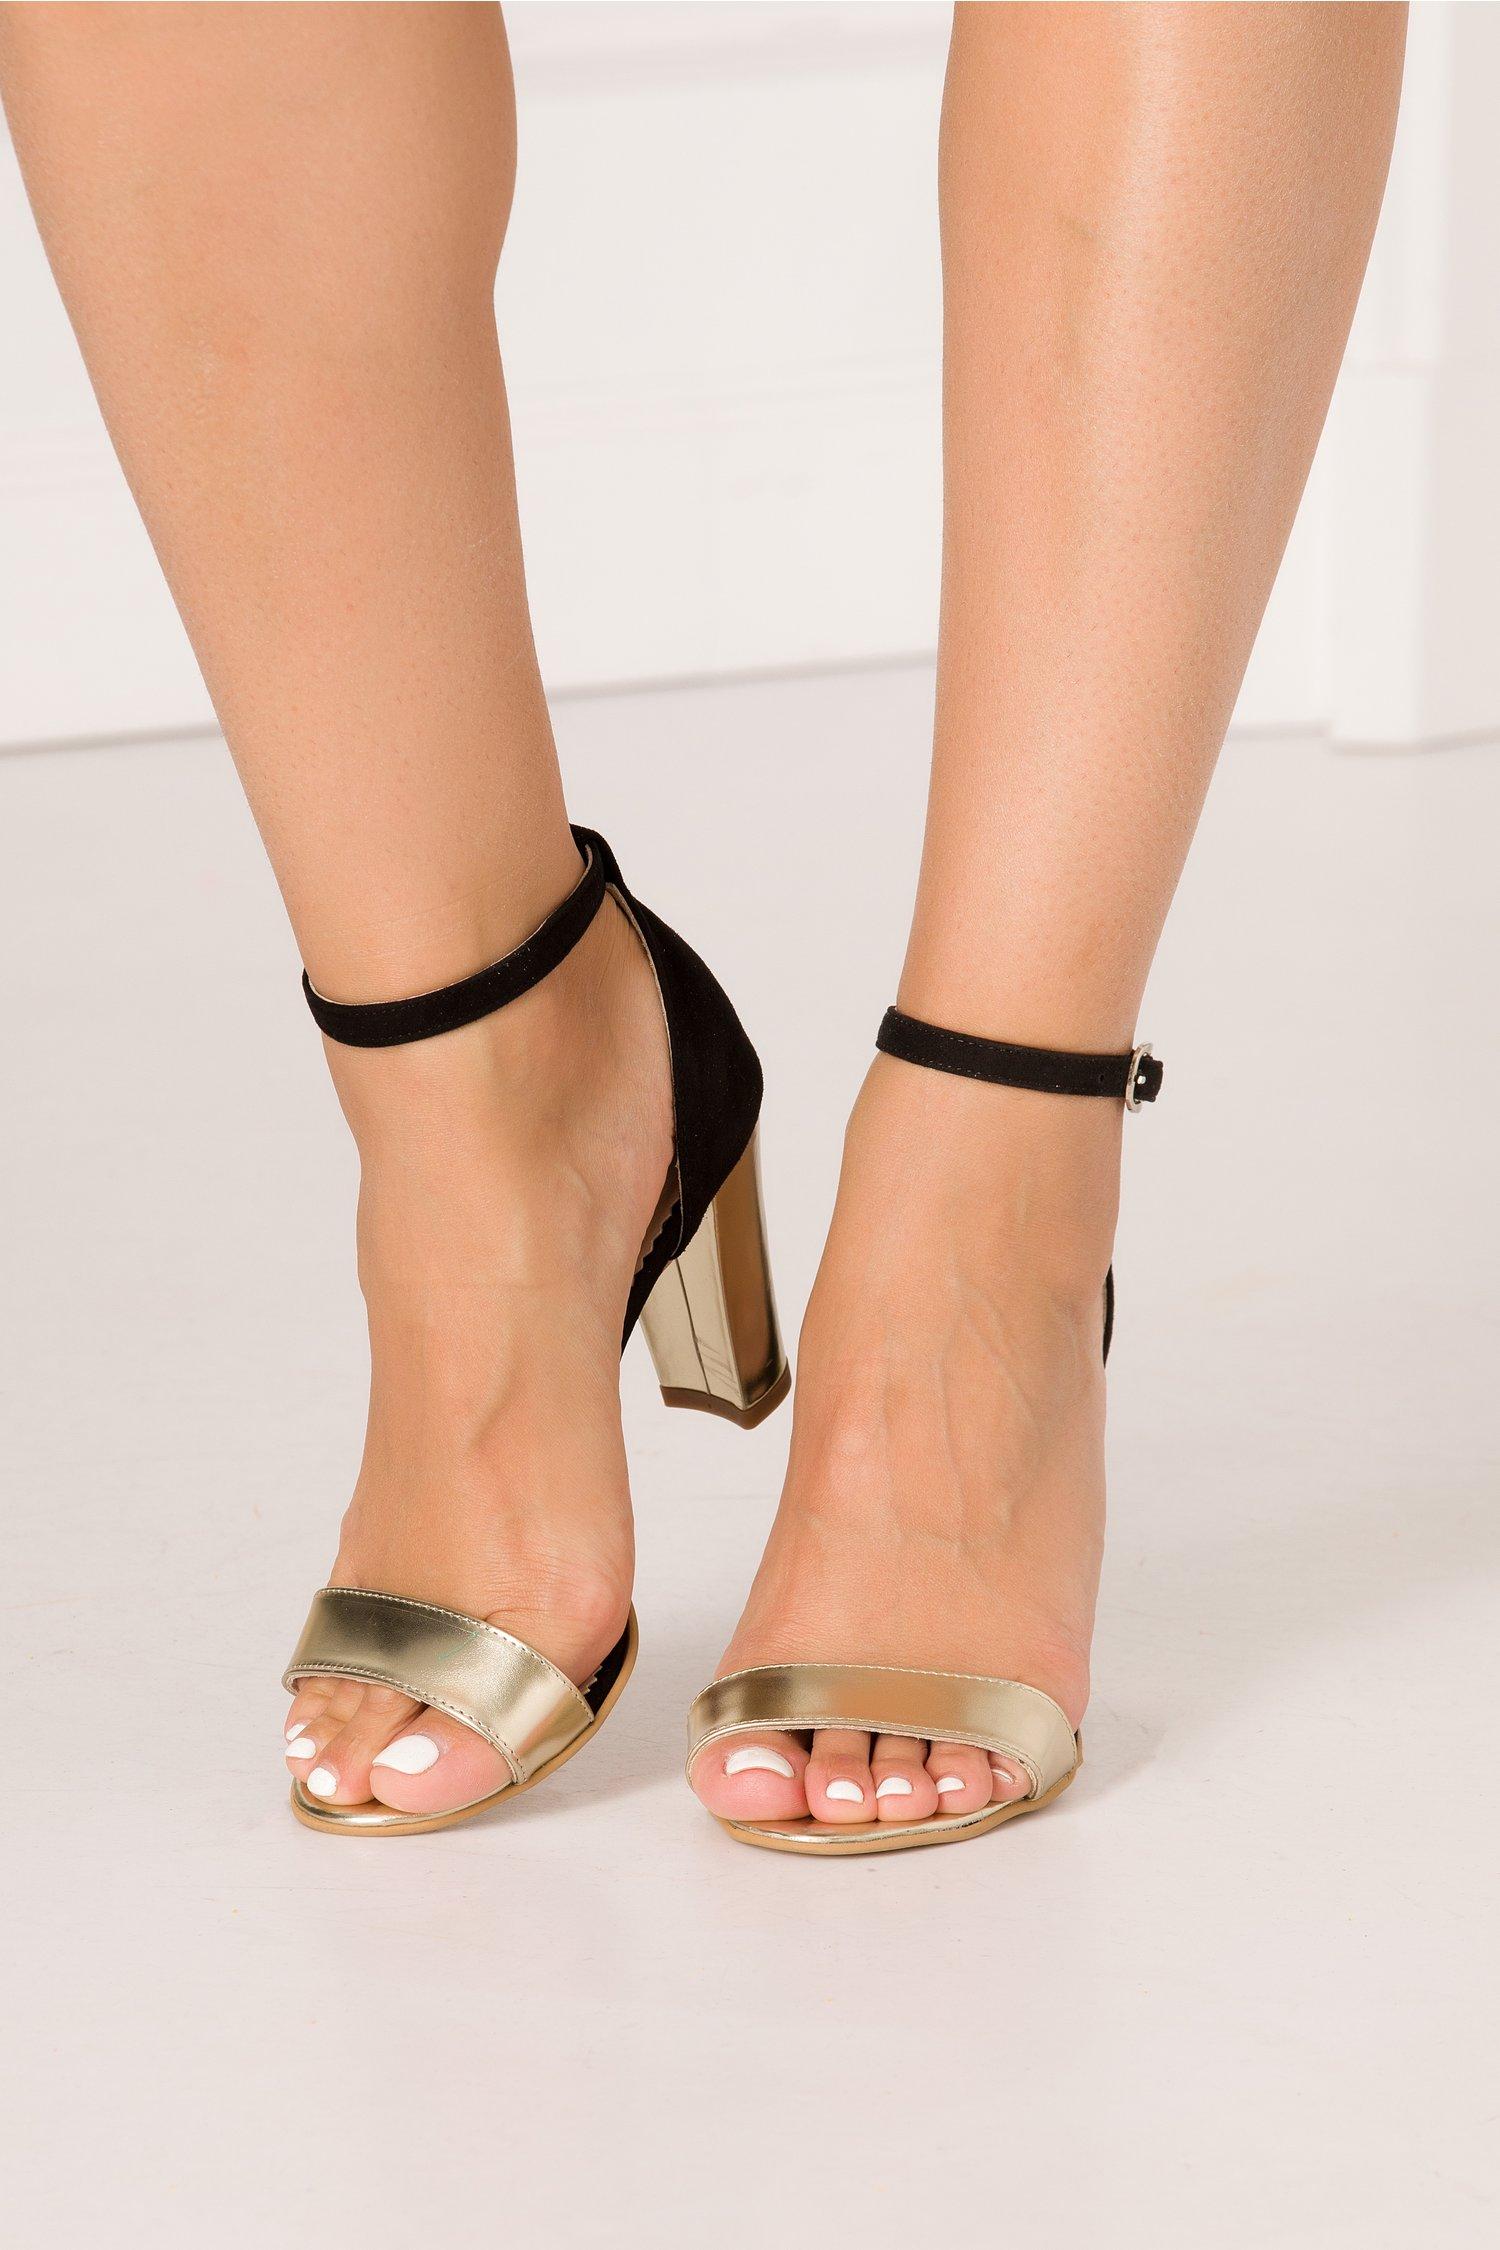 Sandale negre cu insertii aurii